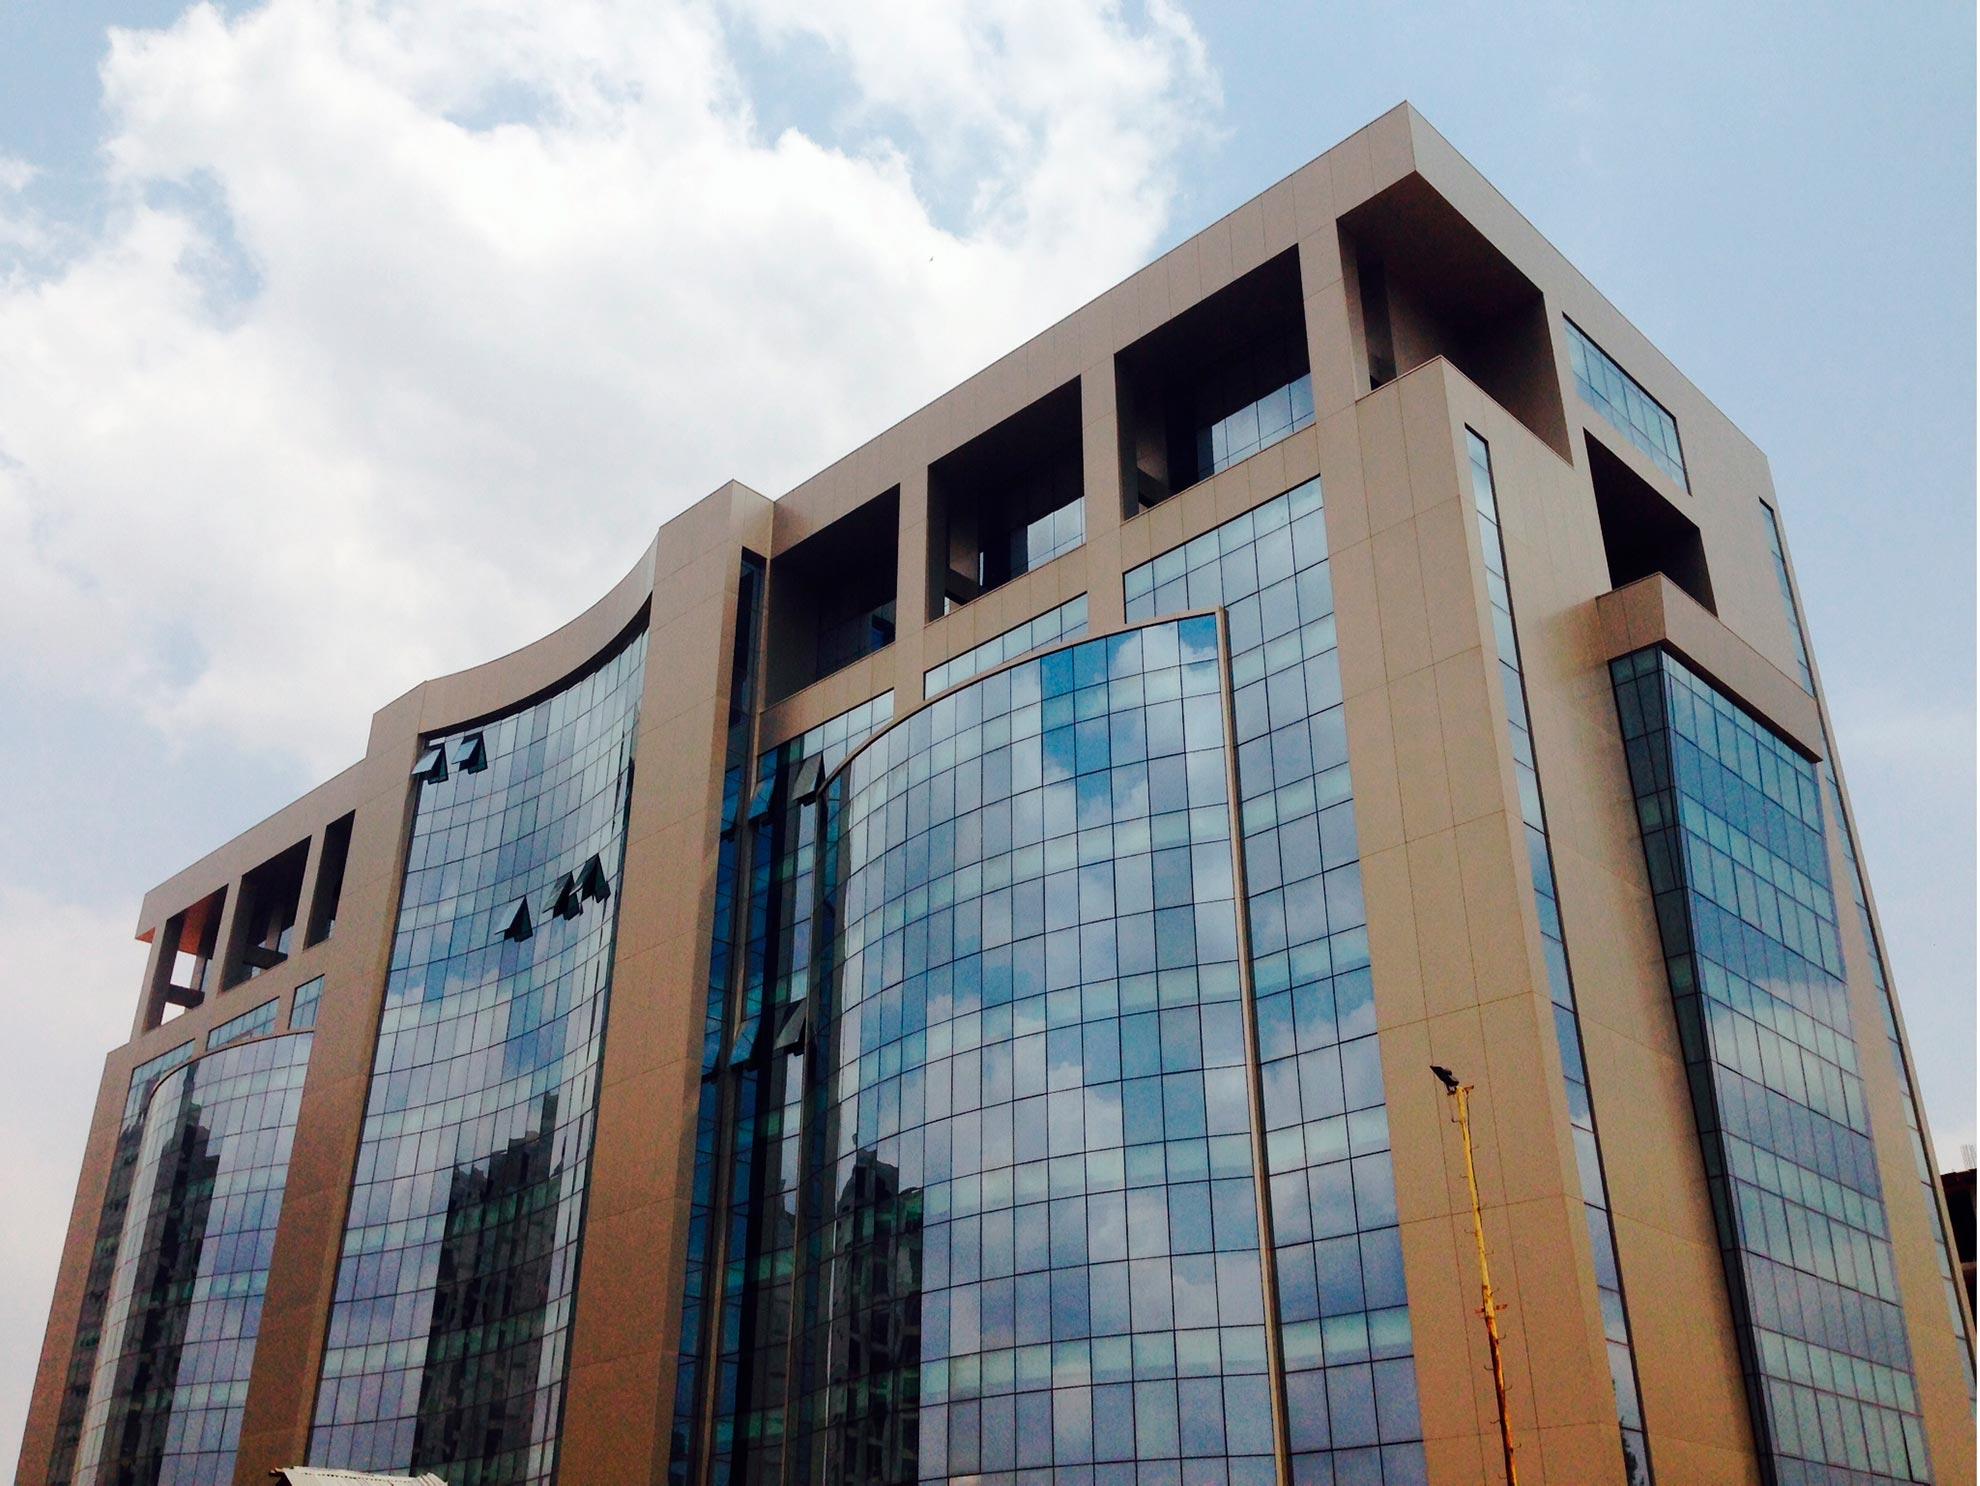 Edificio-Ponglomerape.-Abuja-Nigeria.-larson-PE_1591093036.jpg